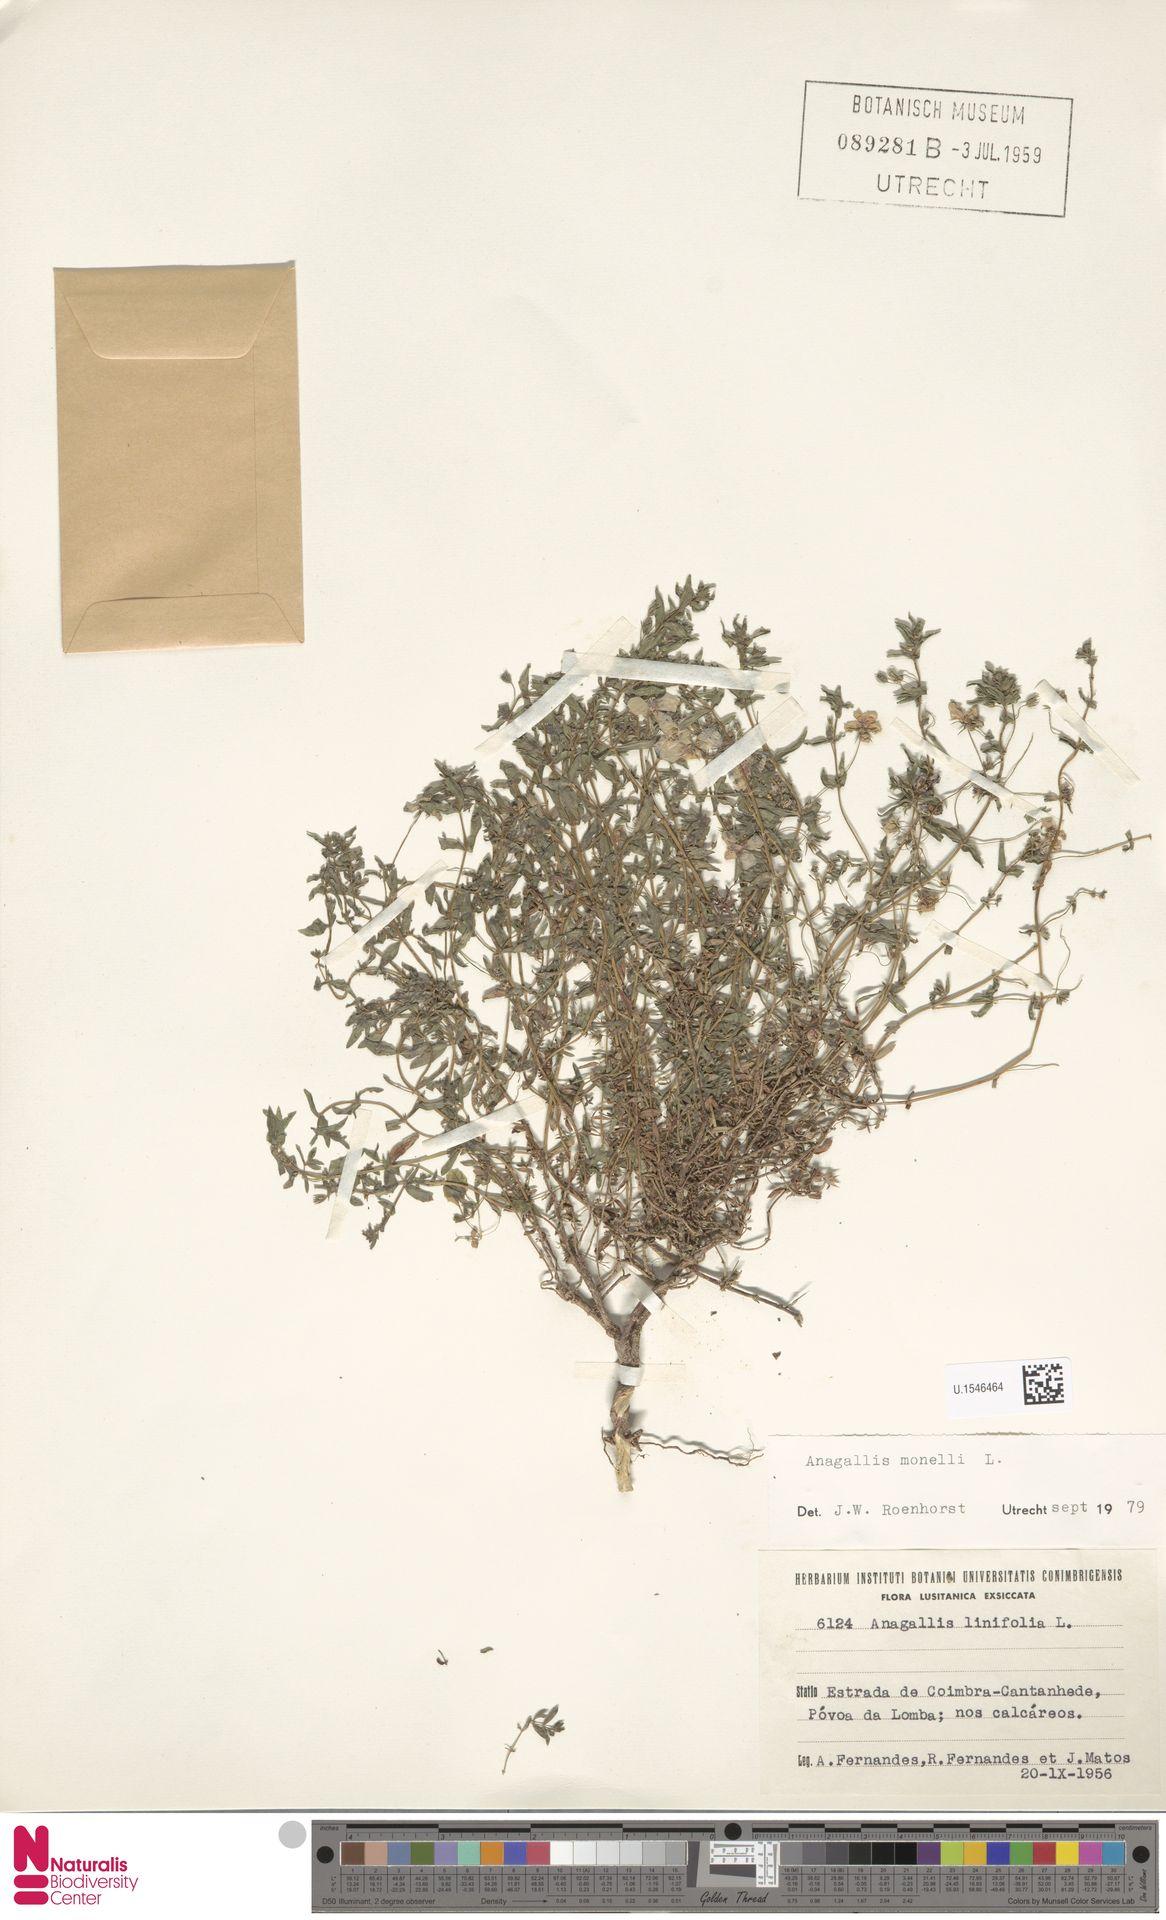 U.1546464 | Anagallis monelli L.